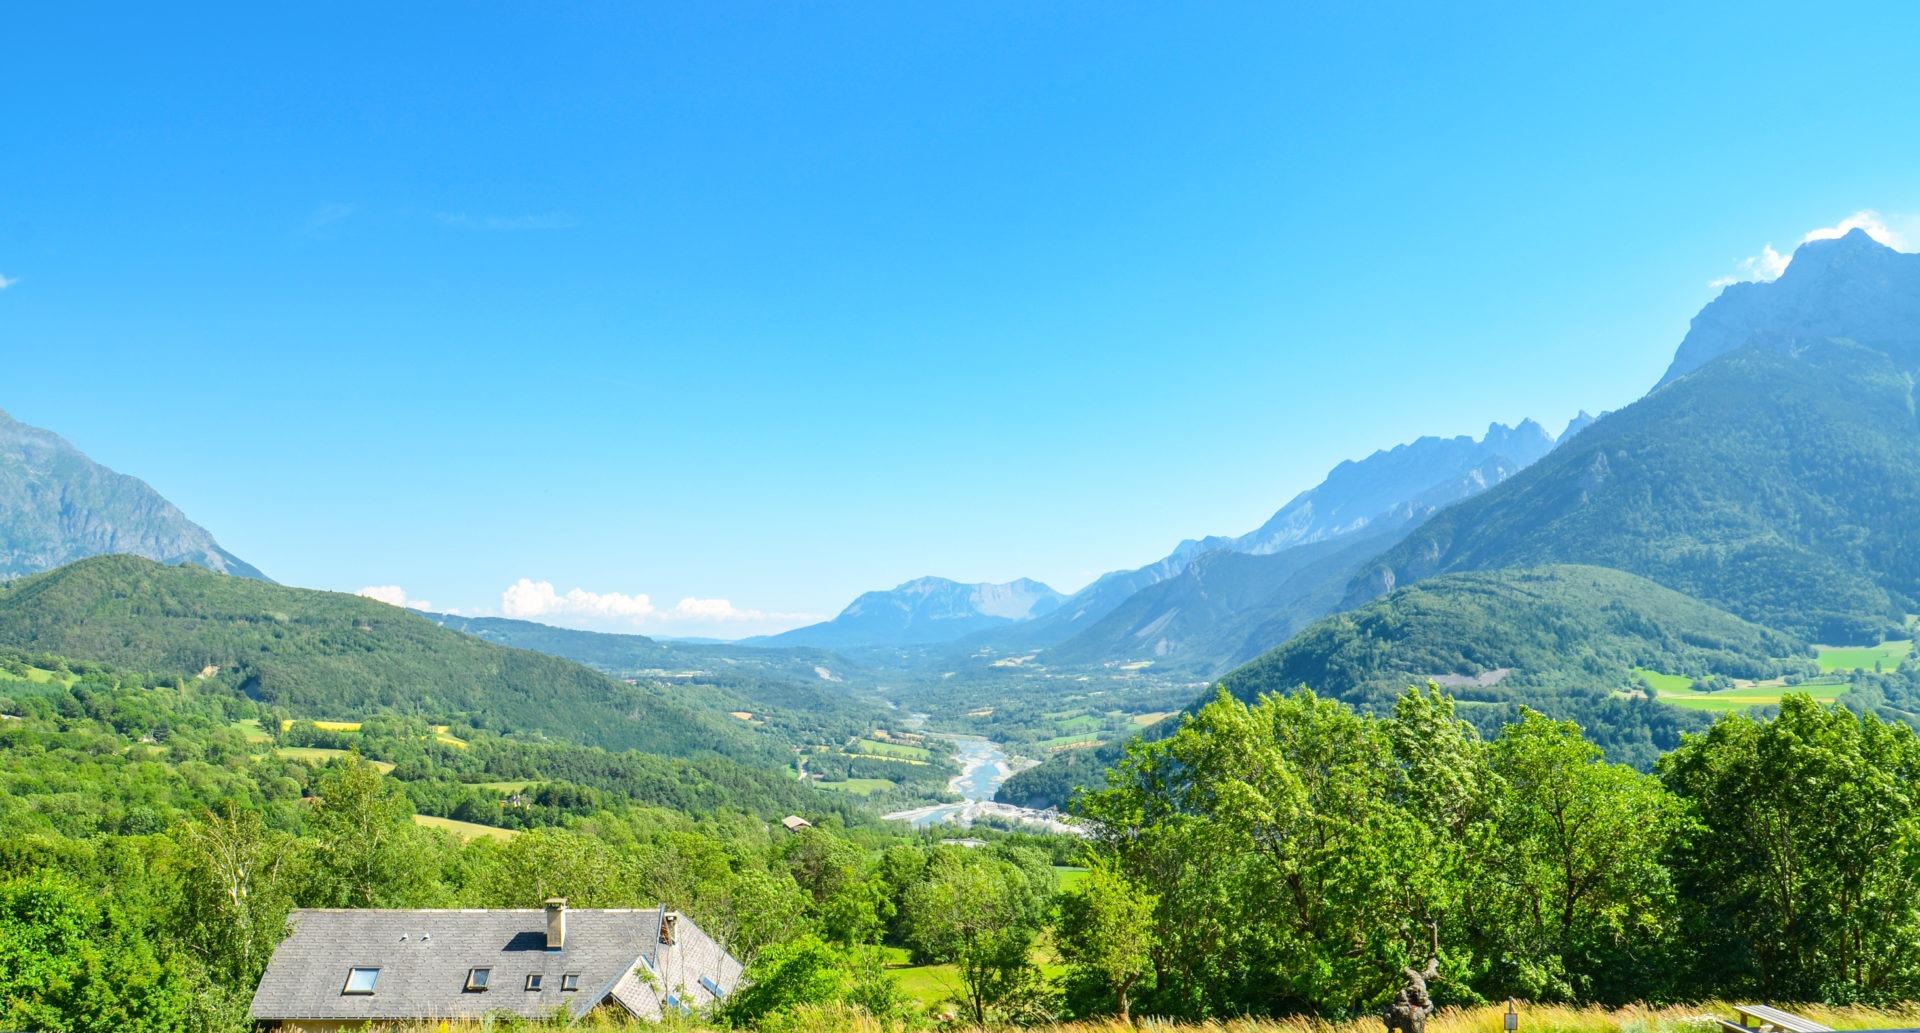 Visiter les Hautes Alpes, champsaur-valgaudemar